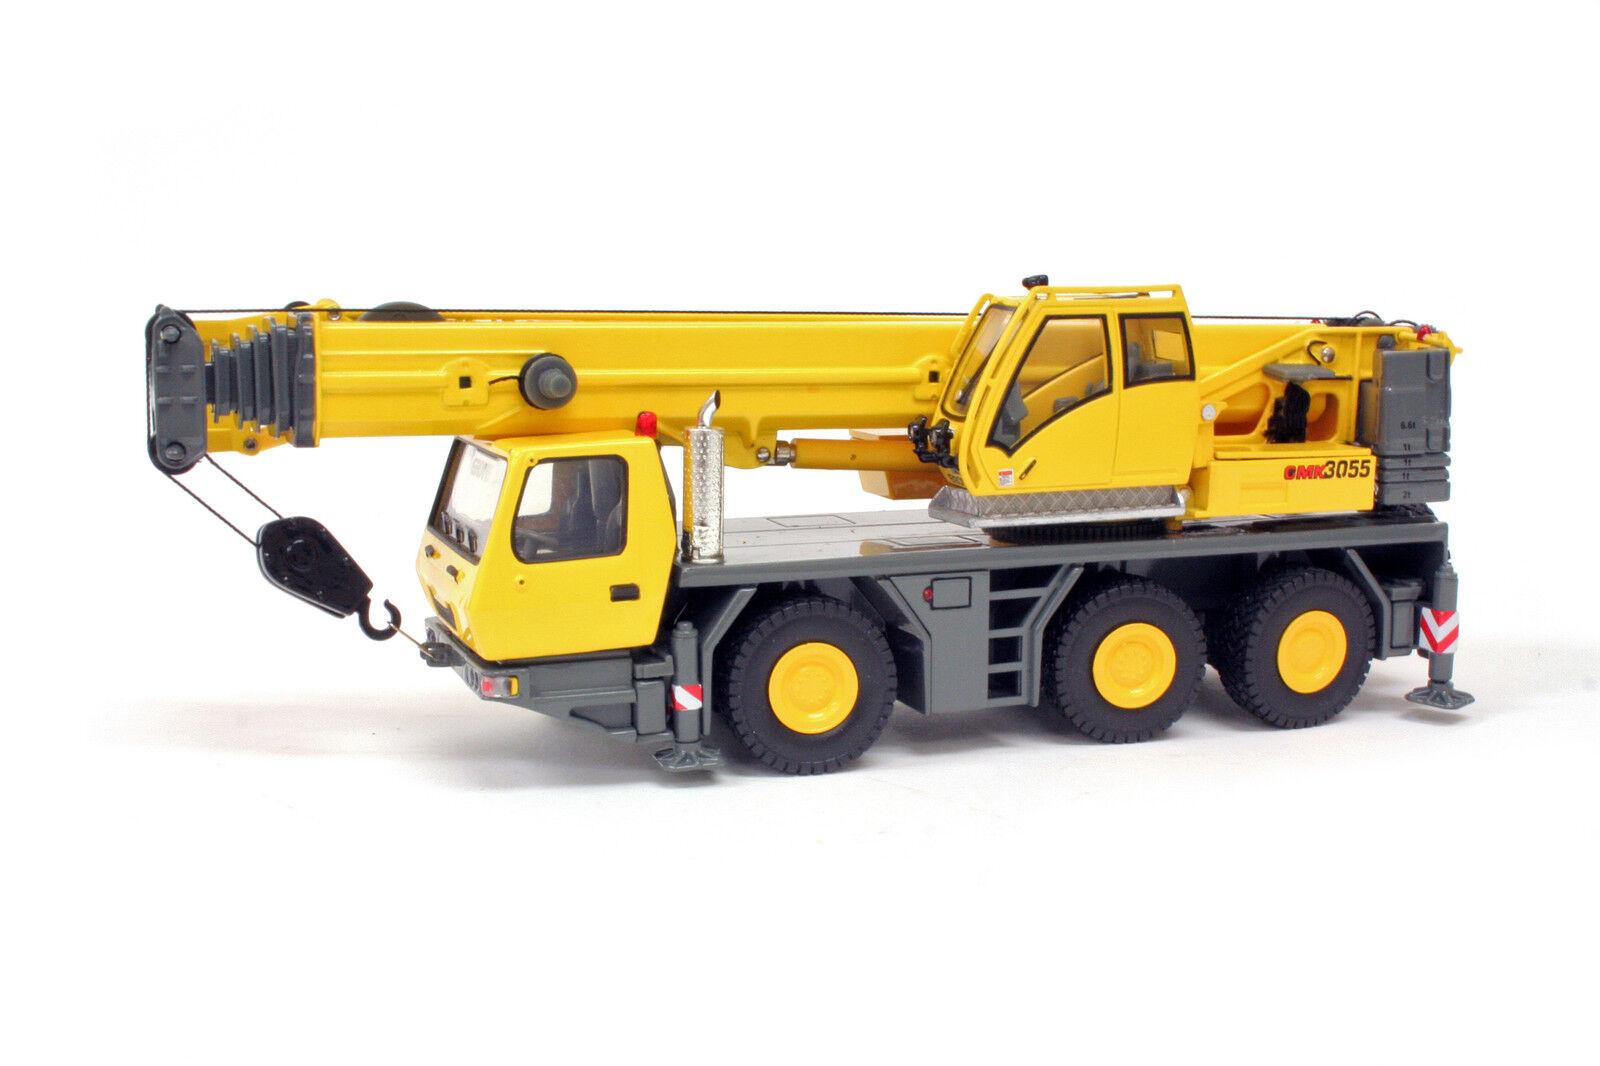 Sin impuestos Grove gmk3055 Camión Grúa -  amarilla amarilla amarilla  - 1 50-TWh   003-01004  envío gratuito a nivel mundial